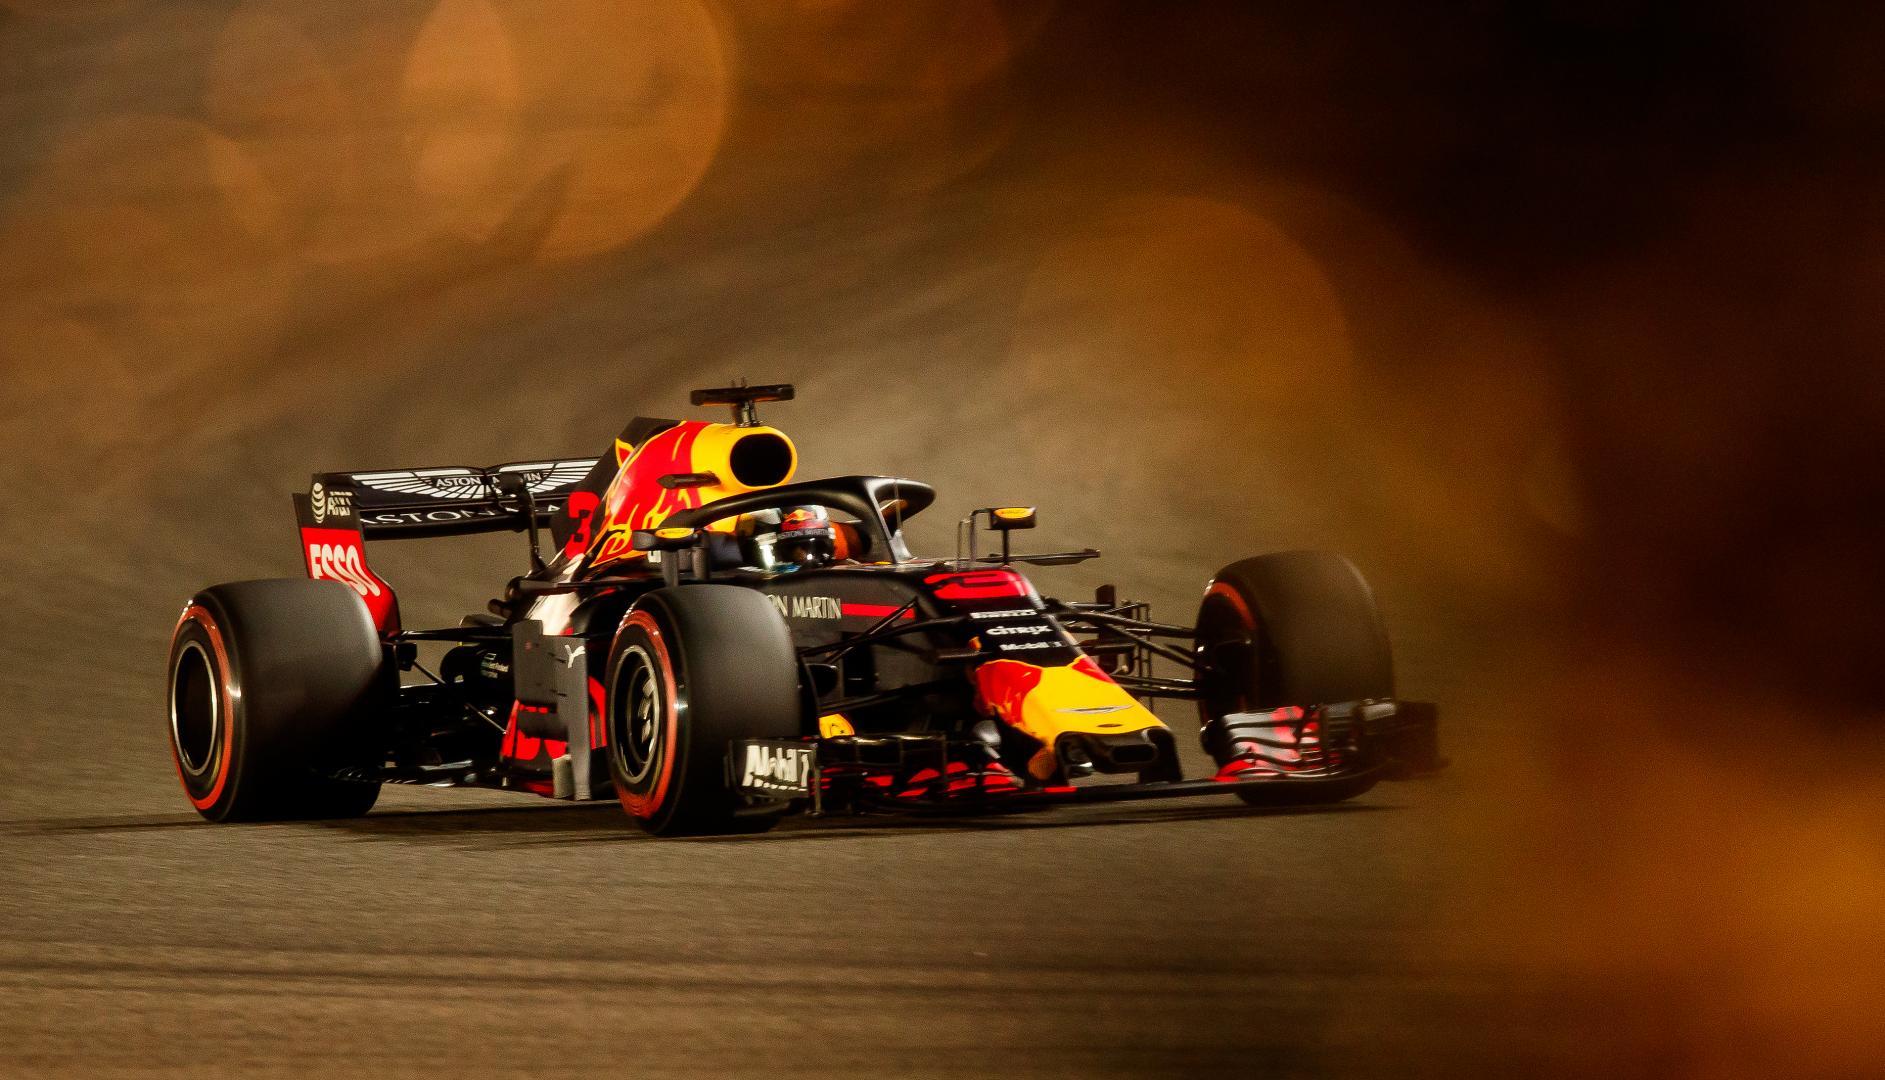 Uitslag van de GP van Bahrein 2018